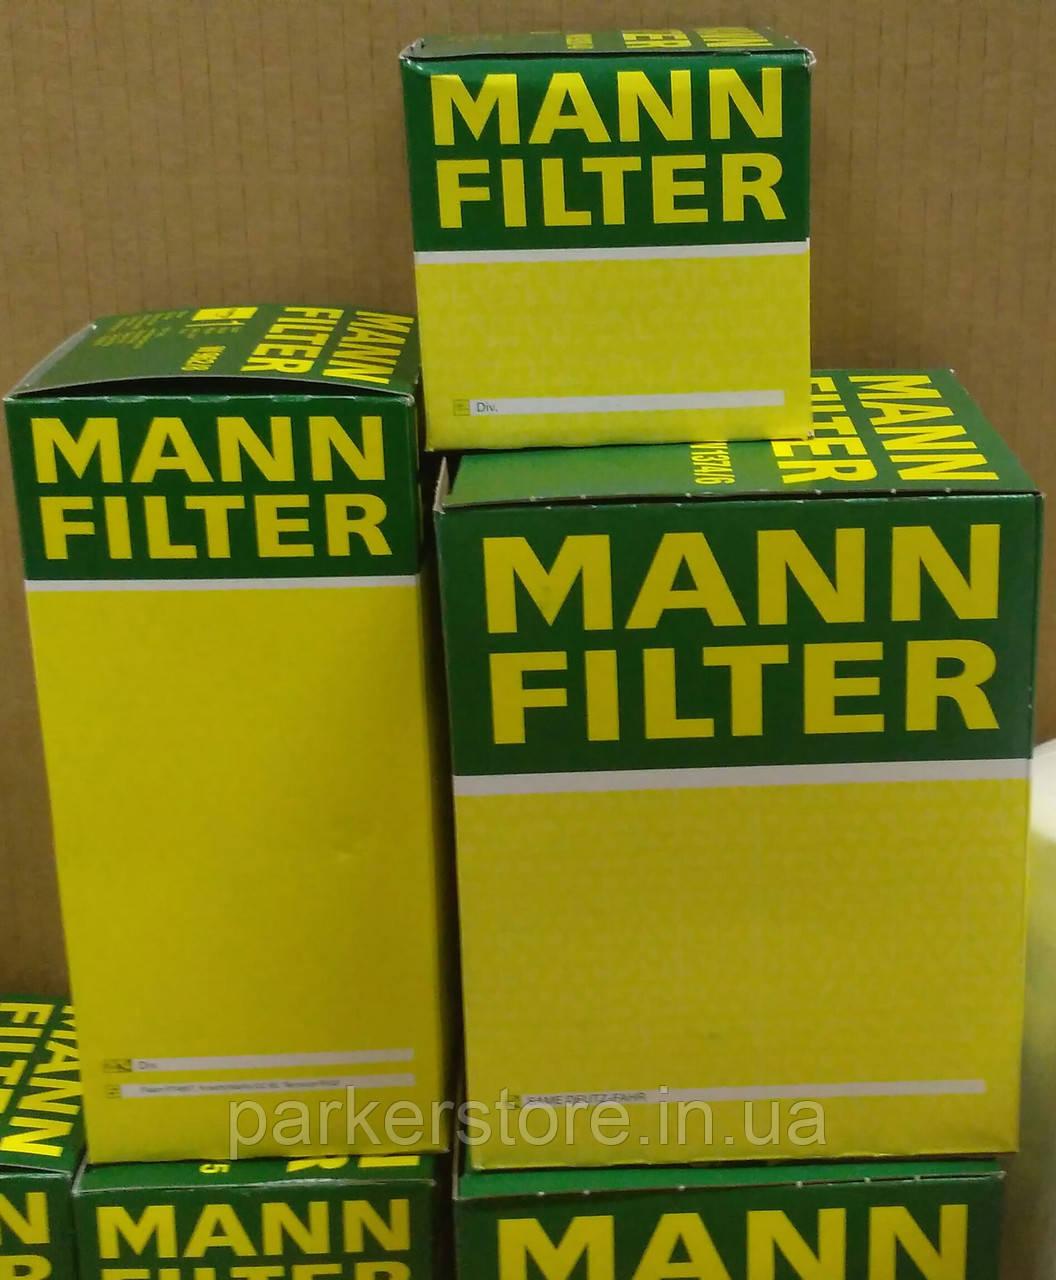 MANN FILTER / Повітряний фільтр / C 2880 / C2880